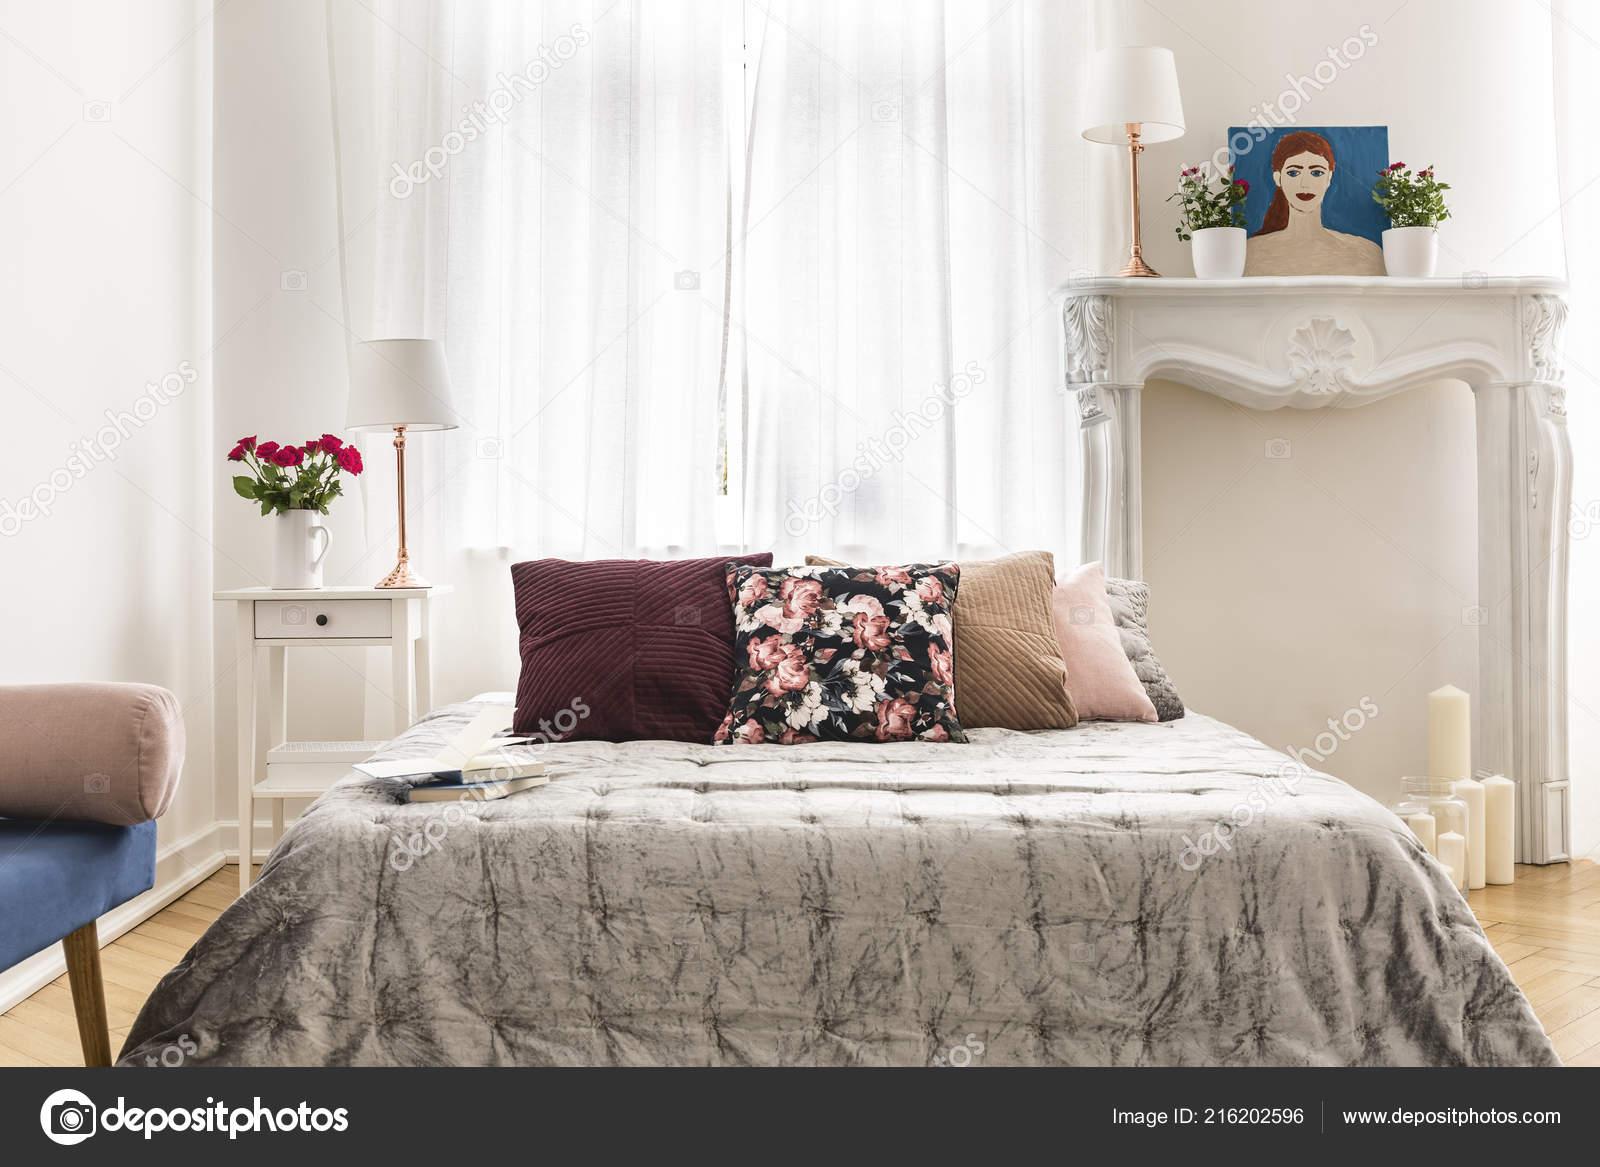 Interno camera letto elegante dotata letto con cuscini multicolore